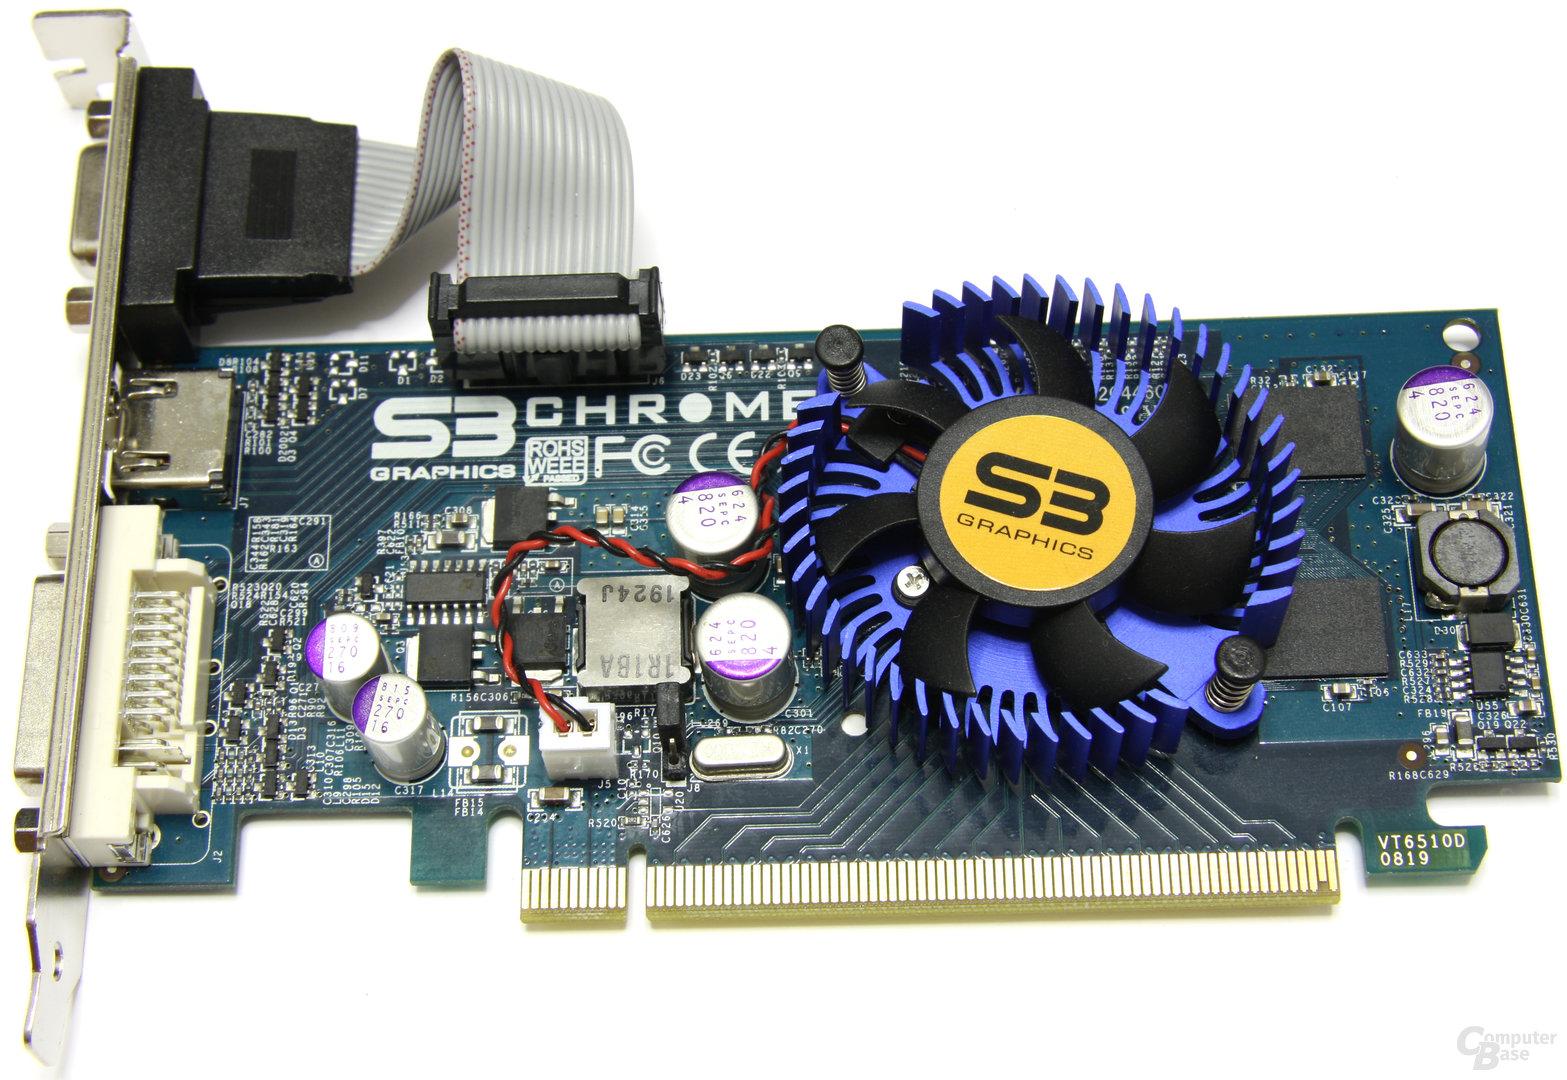 S3 Chrome 440 GTX